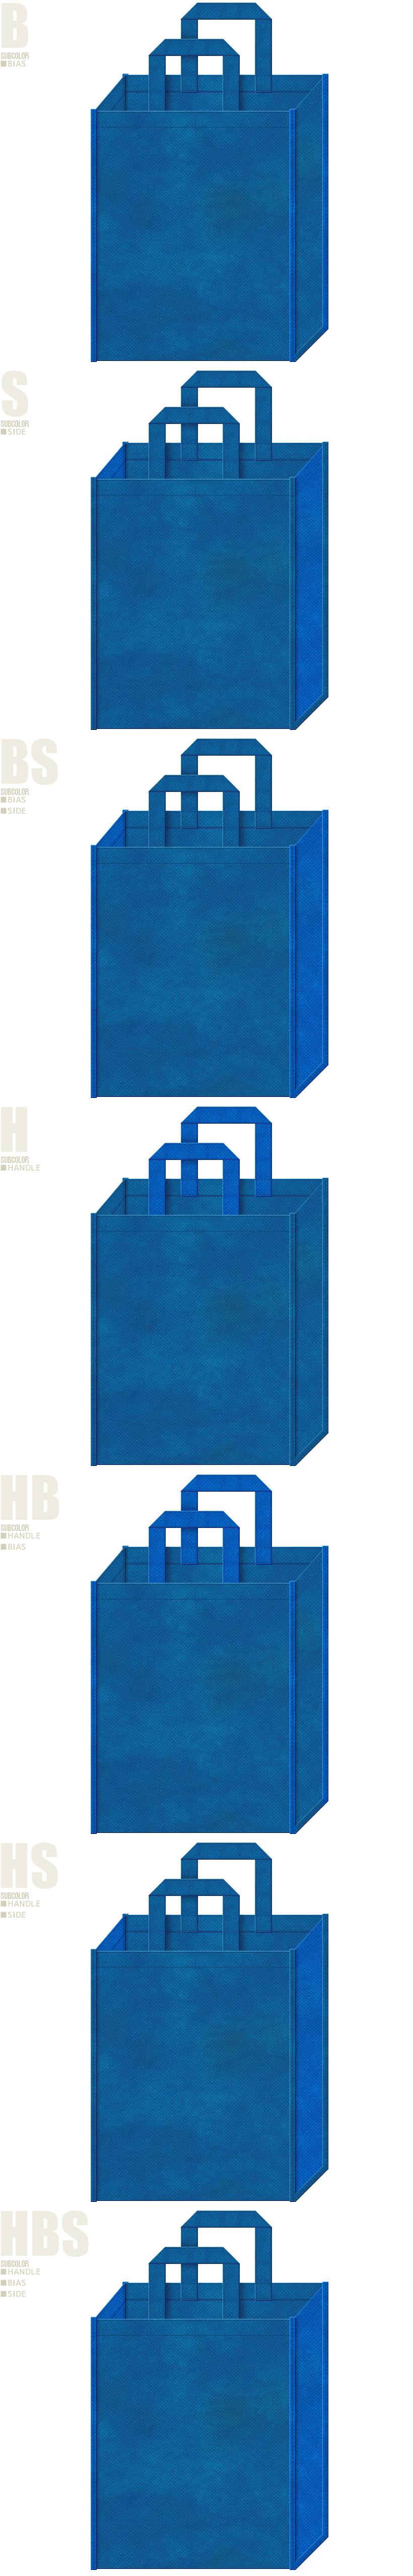 不織布バッグのデザイン:不織布メインカラーNo.28+サブカラーNo.22の2色7パターン